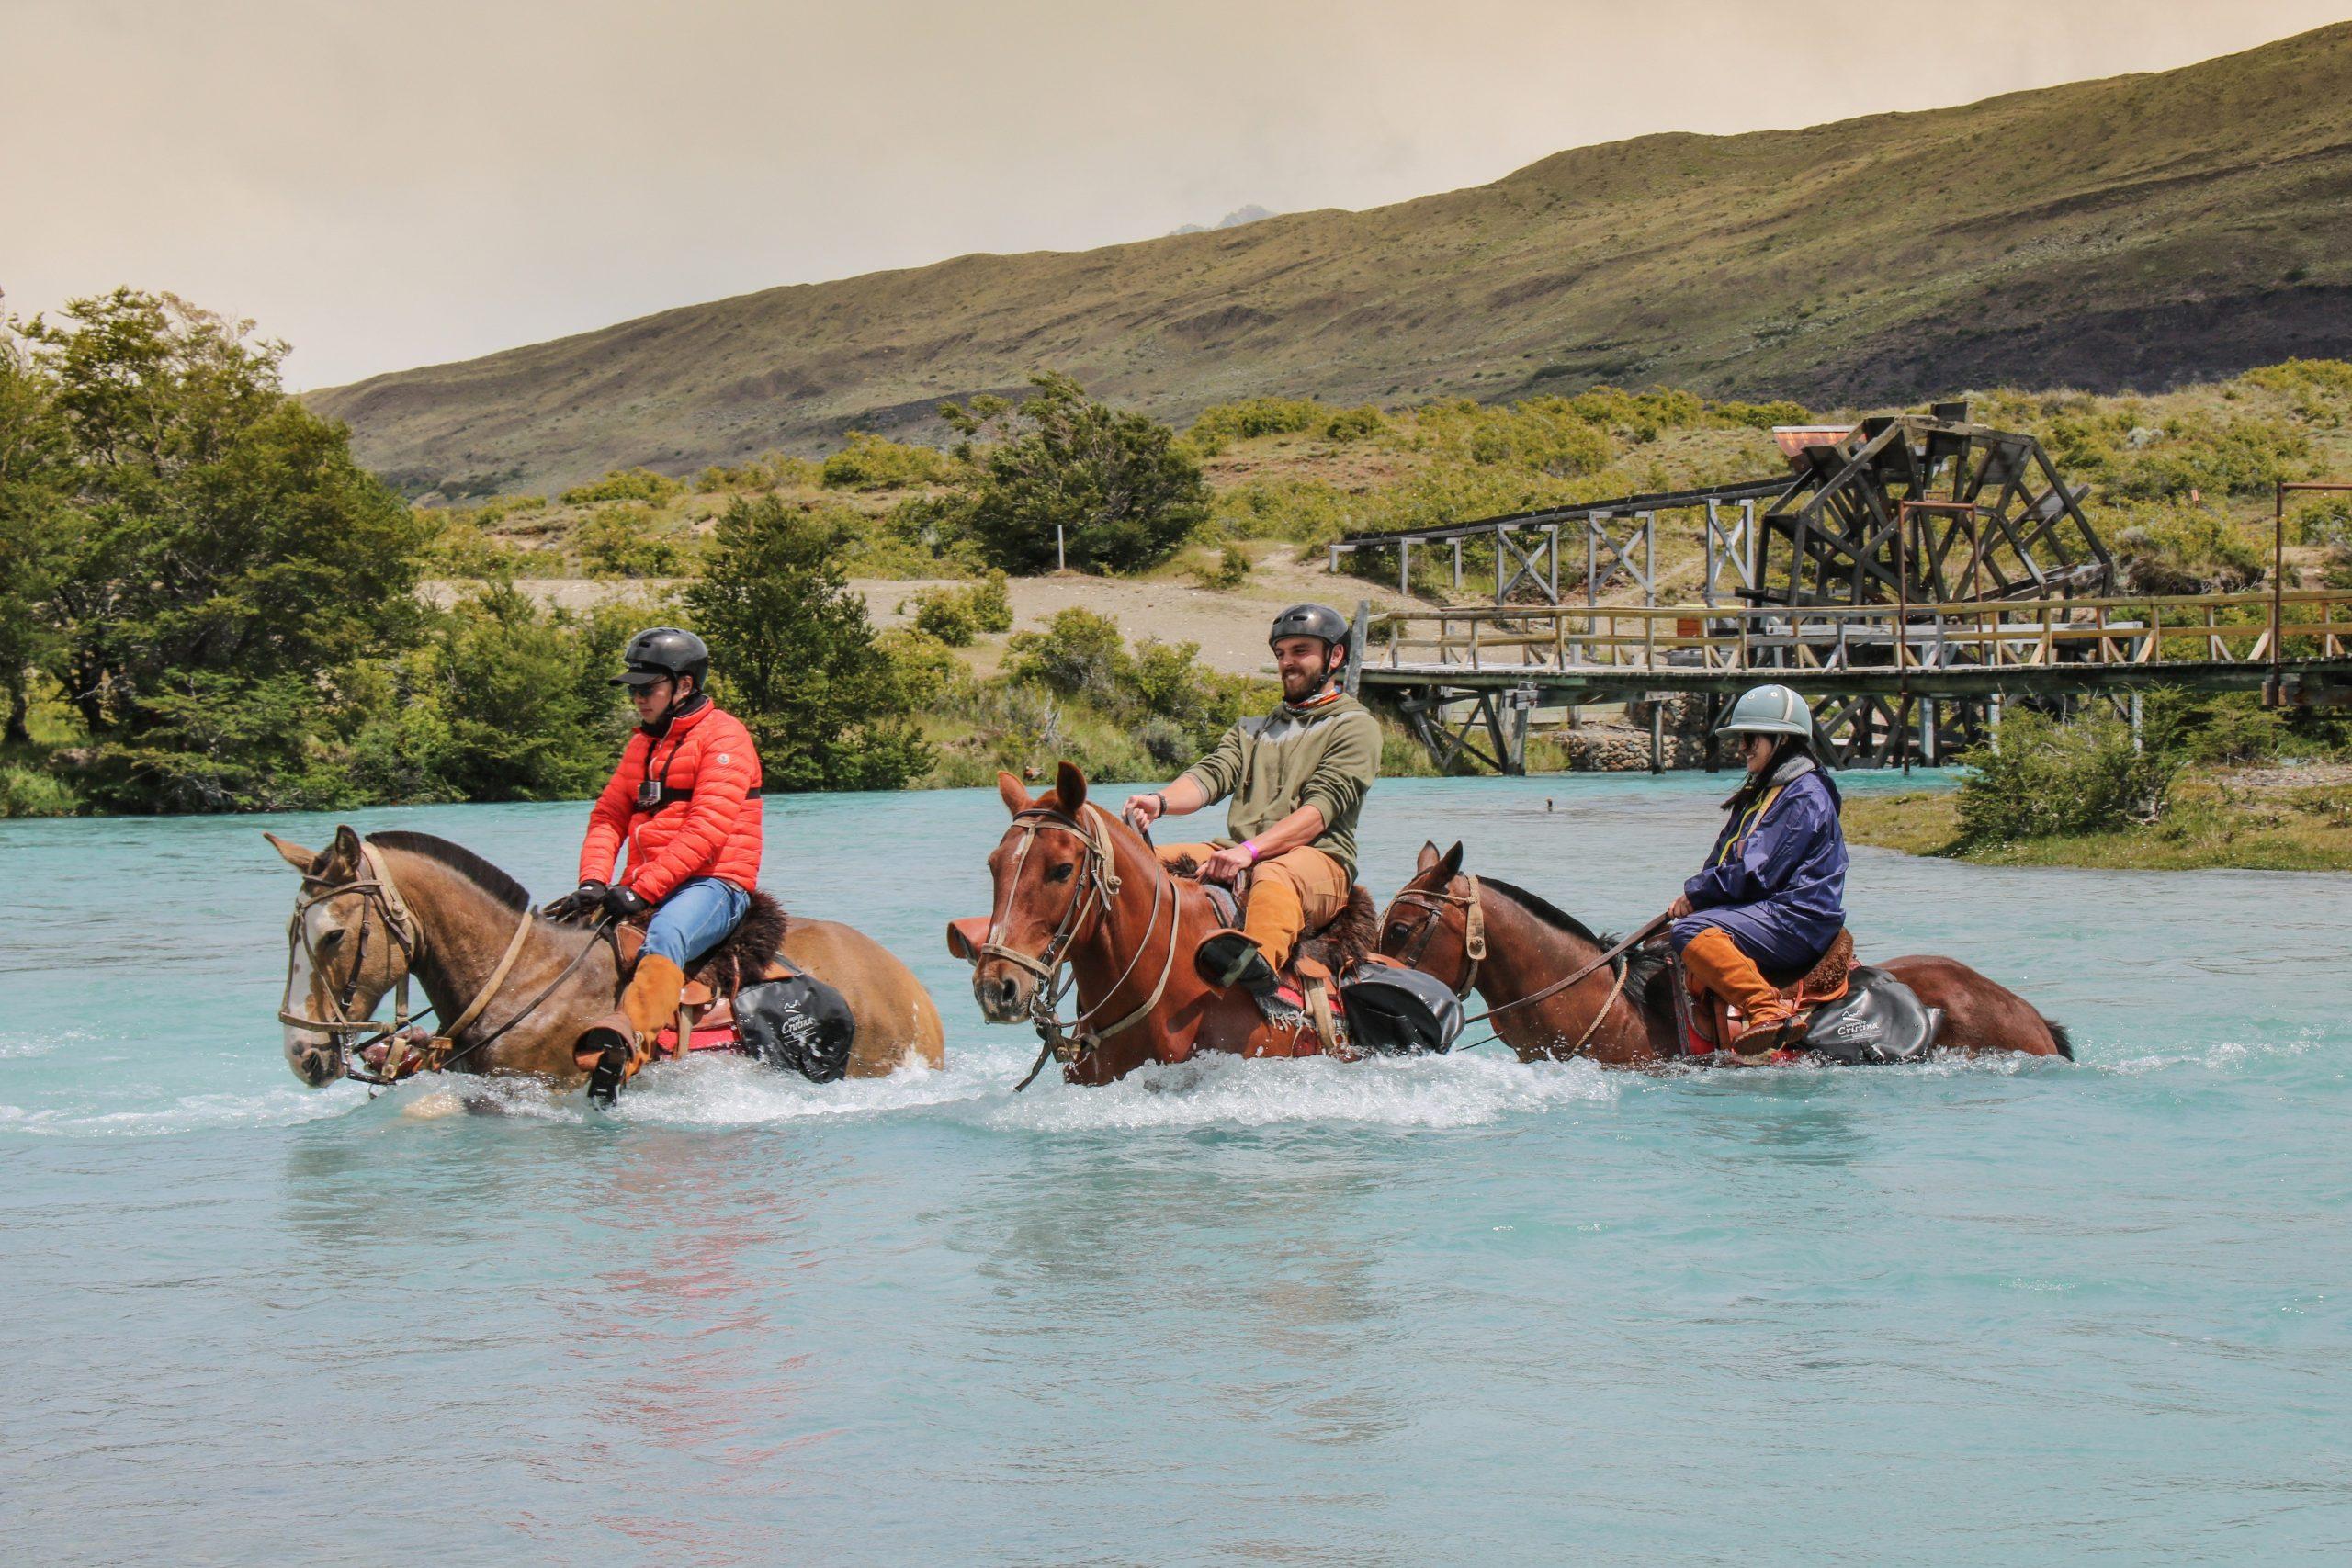 caballos en el rio